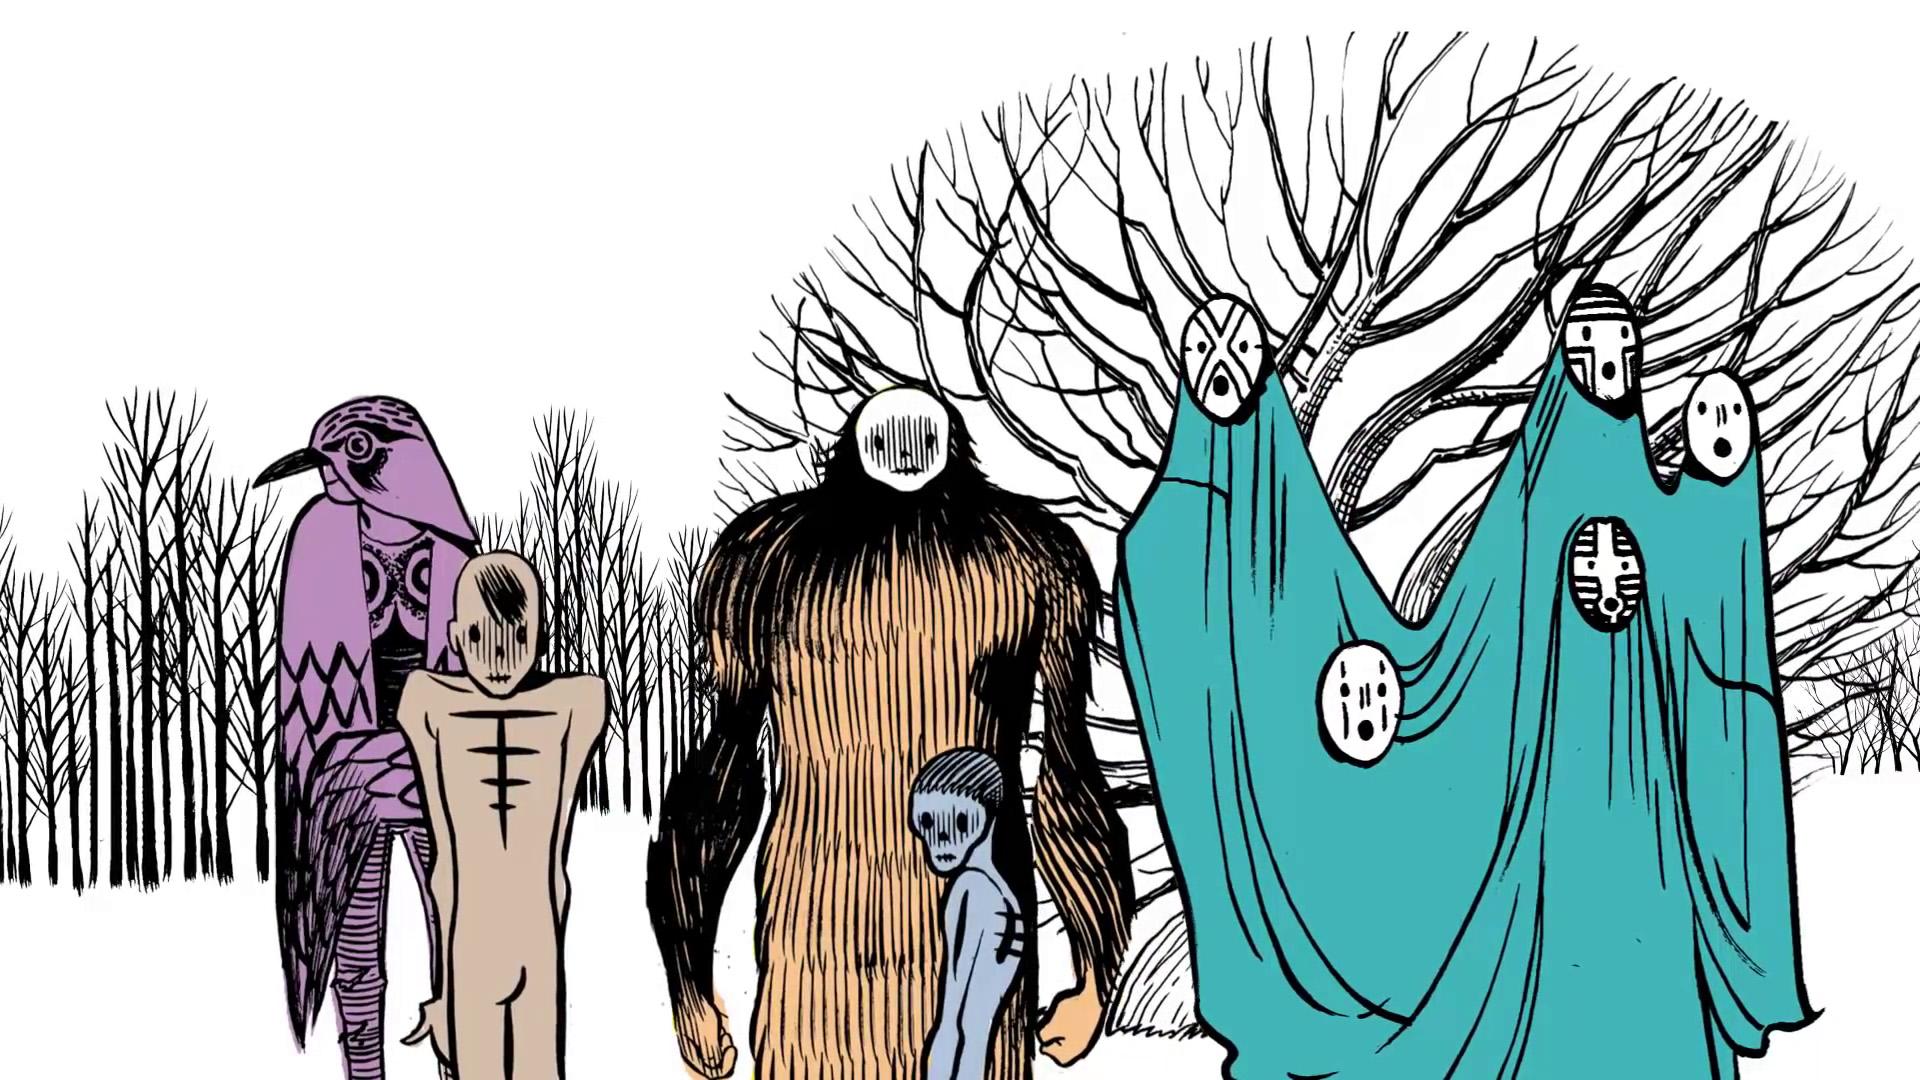 Tre Allegri Ragazzi Morti - Di Che Cosa Parla Veramente Una Canzone - Nel Giardino Dei Fantasmi